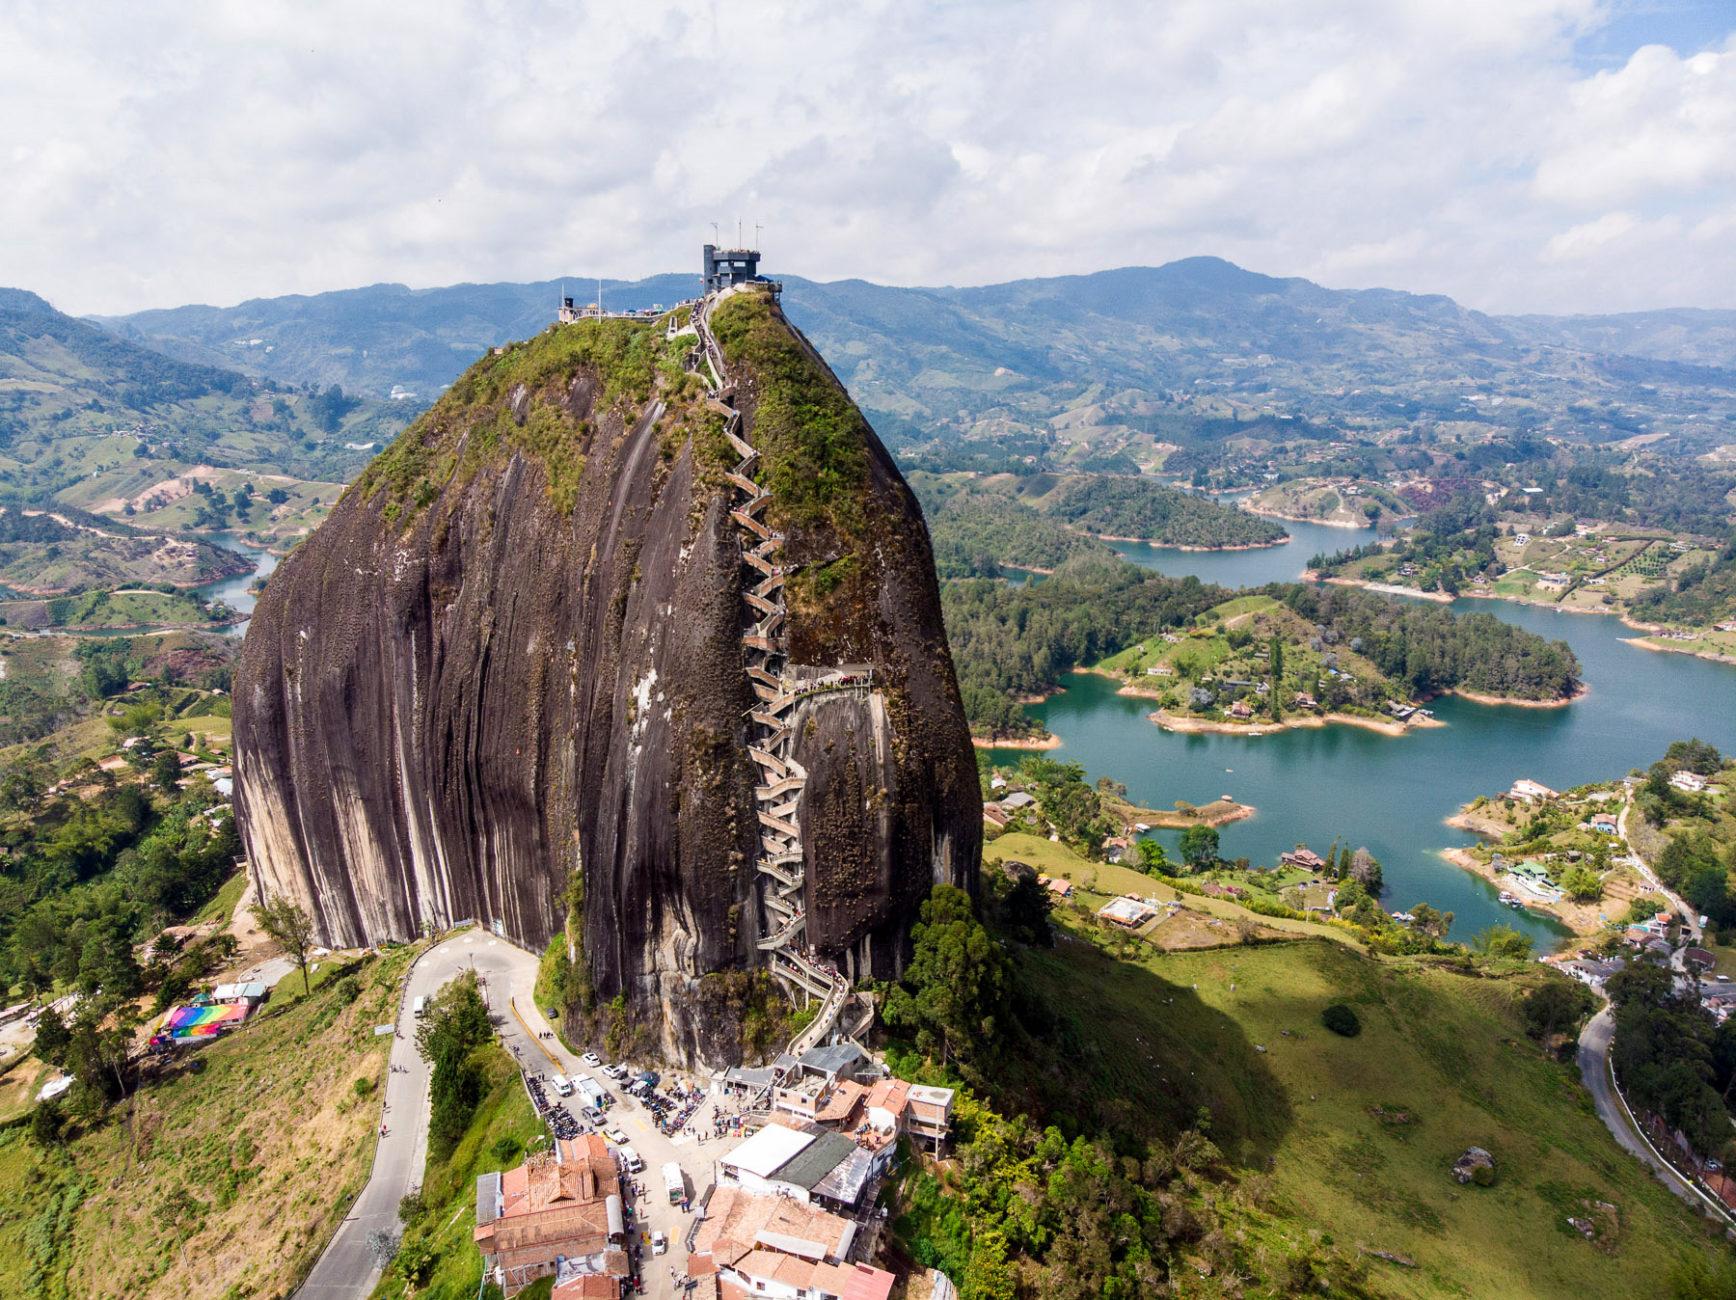 El Penon, ein einzelner merkwürdiger Granitblock mit super Aussicht